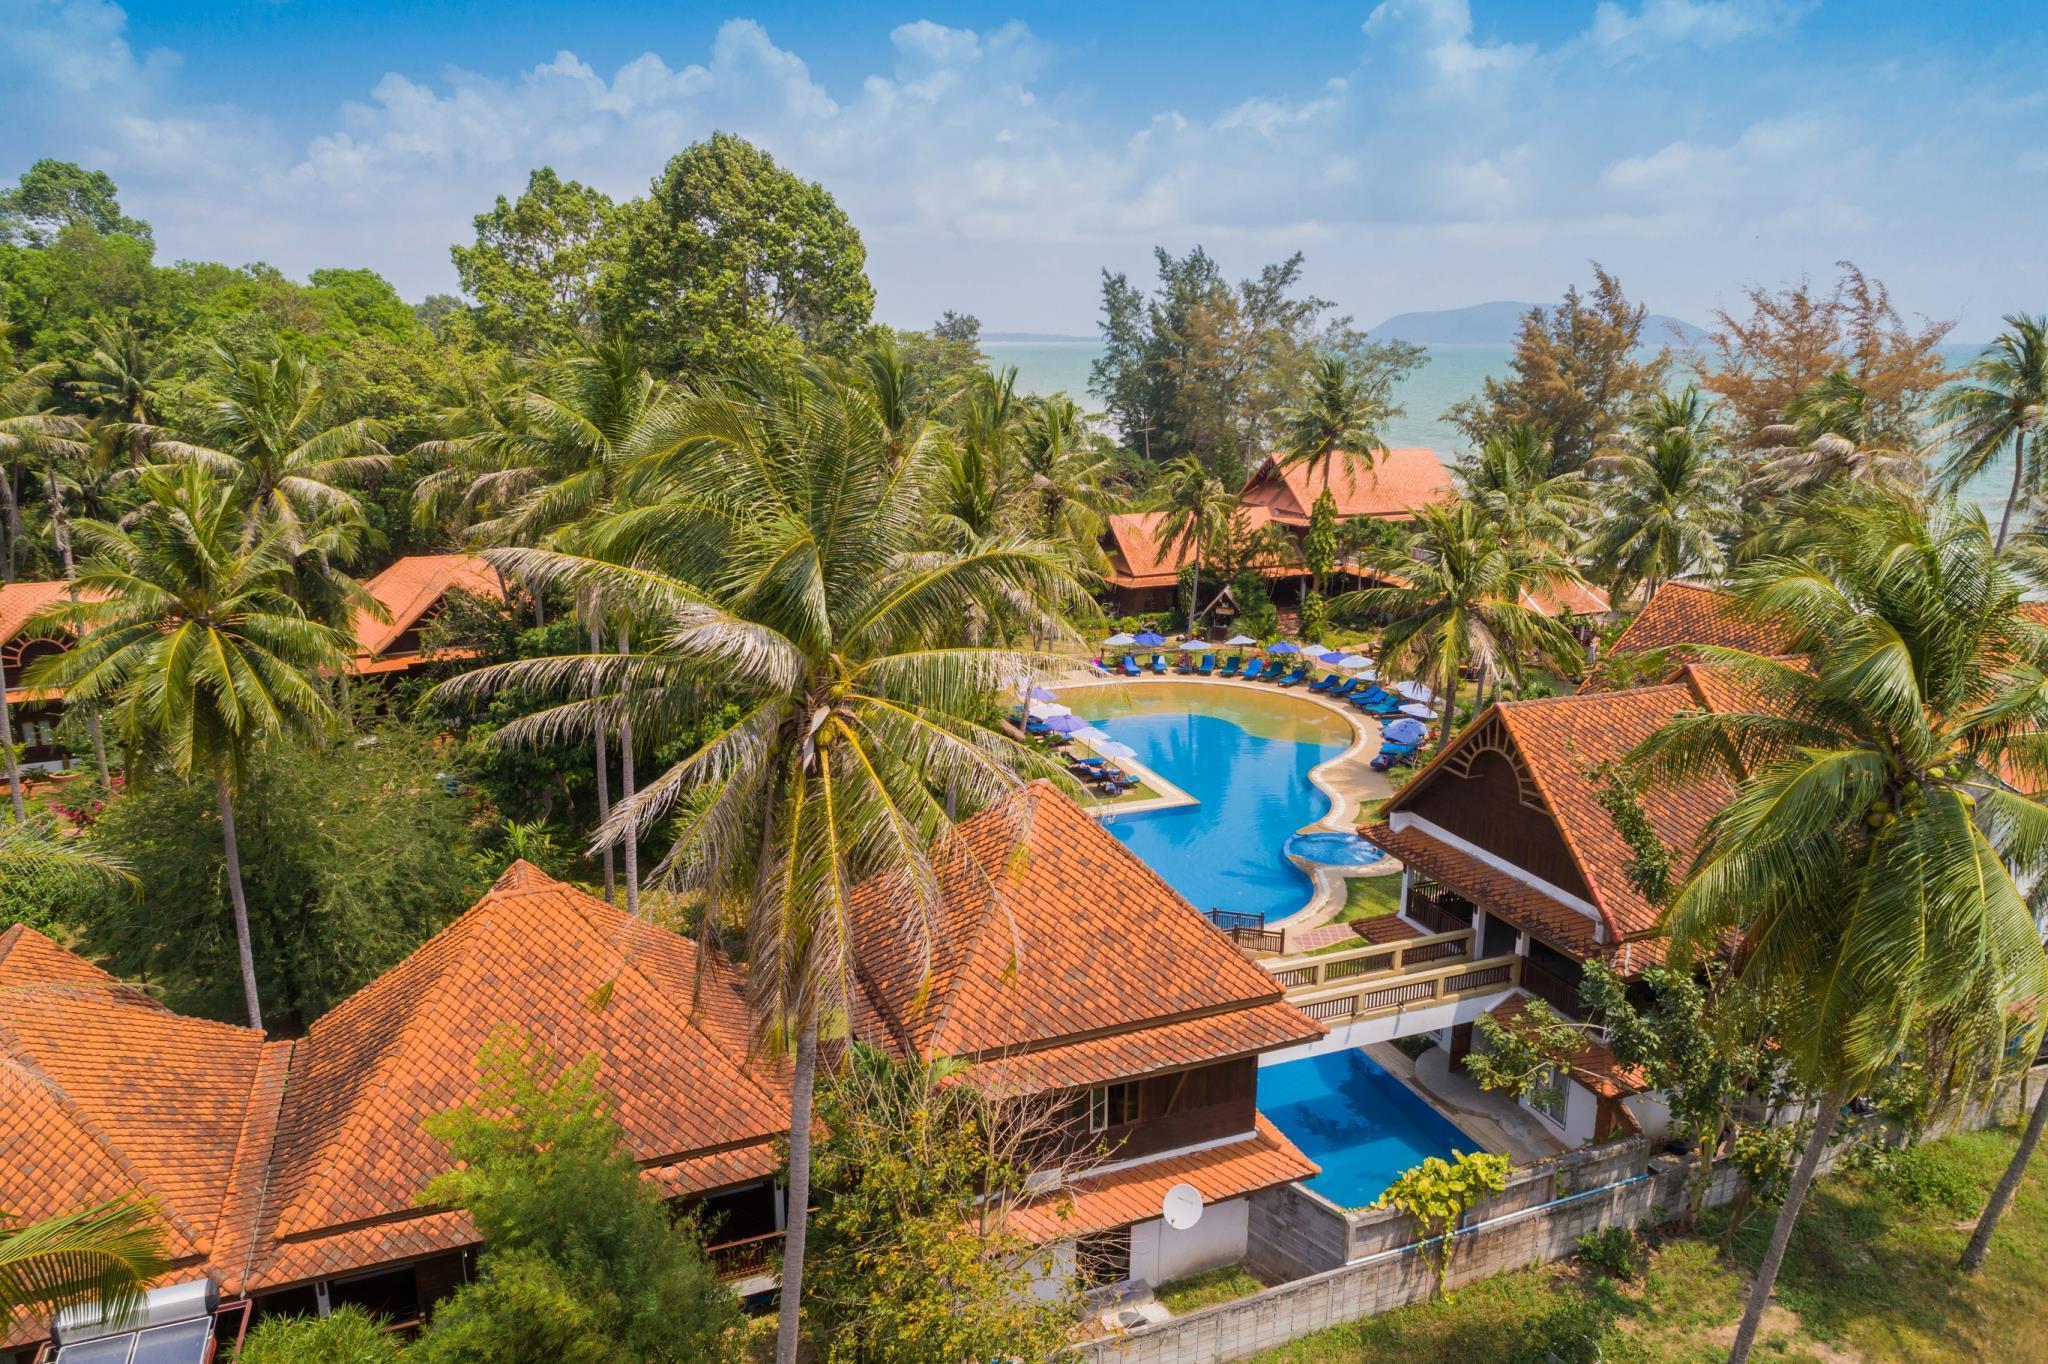 Coral Hotel Bangsaphan,โครัล โฮเต็ล บางสะพาน